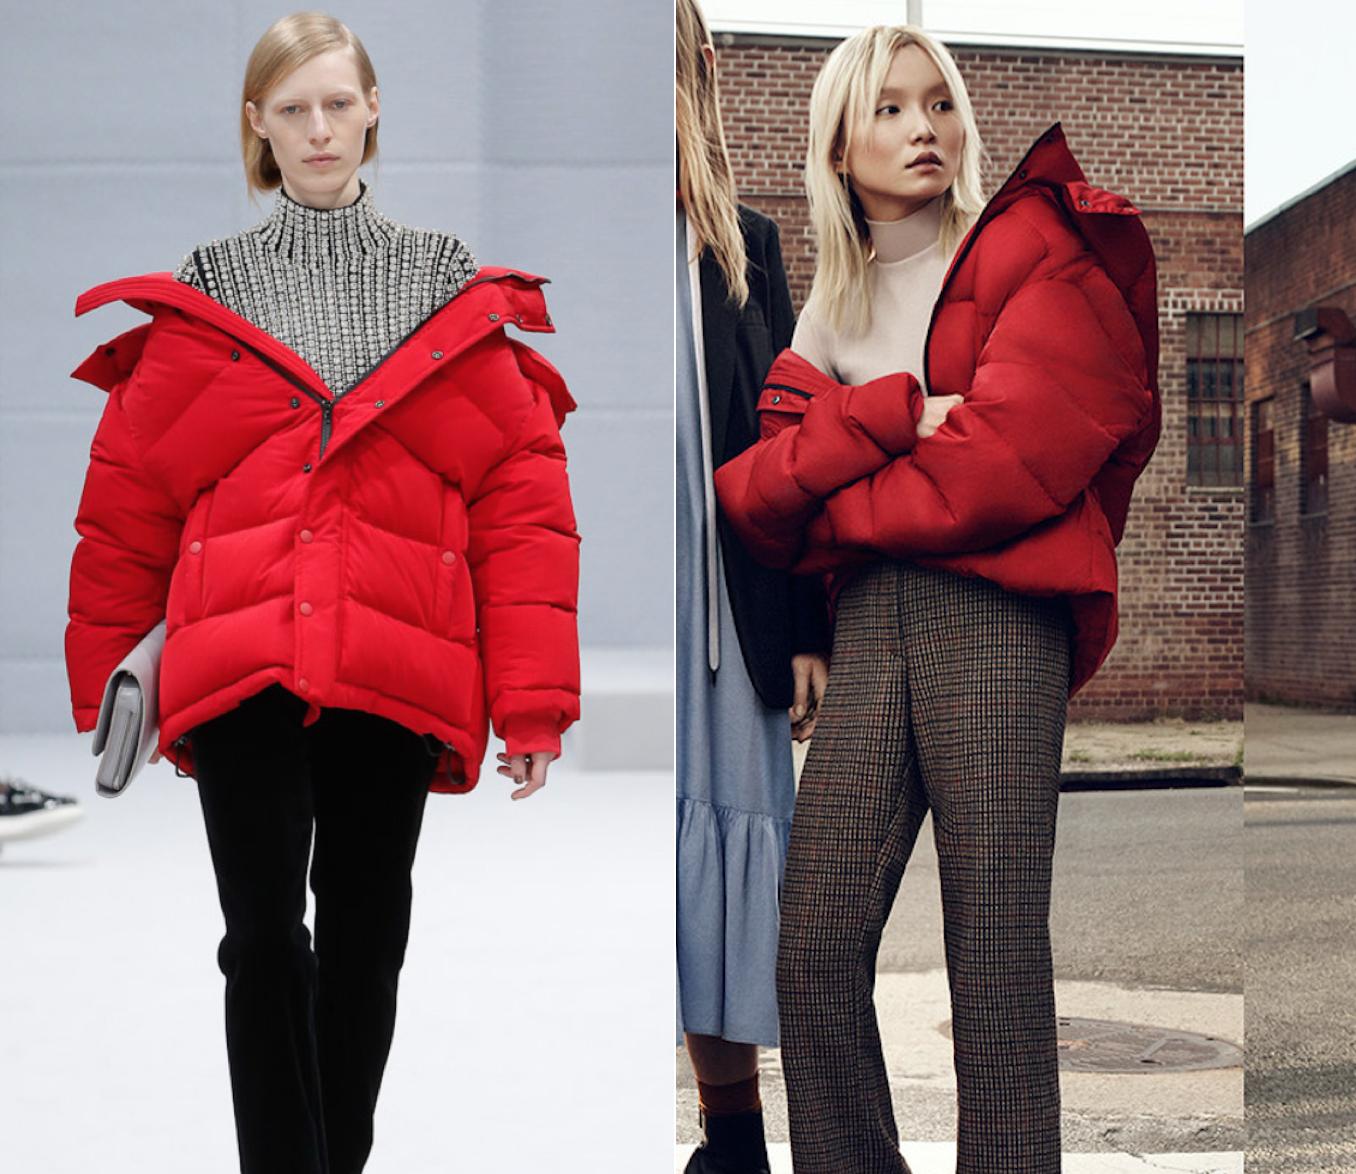 Balenciaga (left) & Zara (right)